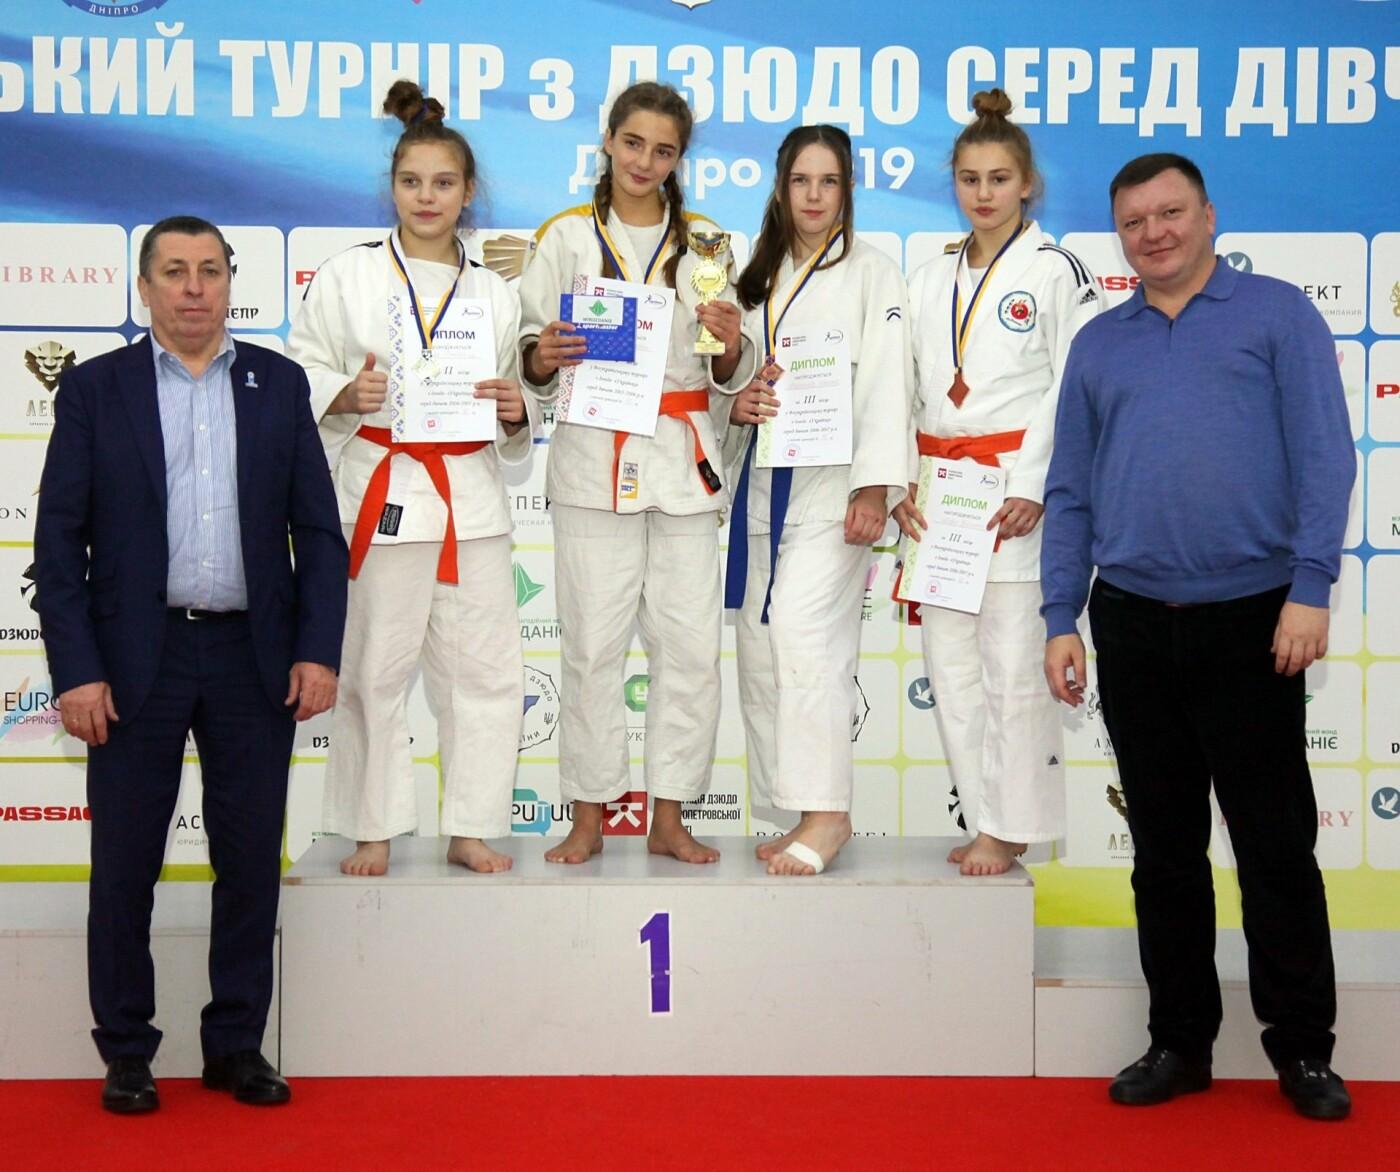 Днепровские юные спортсменки завоевали семь наград на Всеукраинском турнире по дзюдо, - ФОТО, фото-4